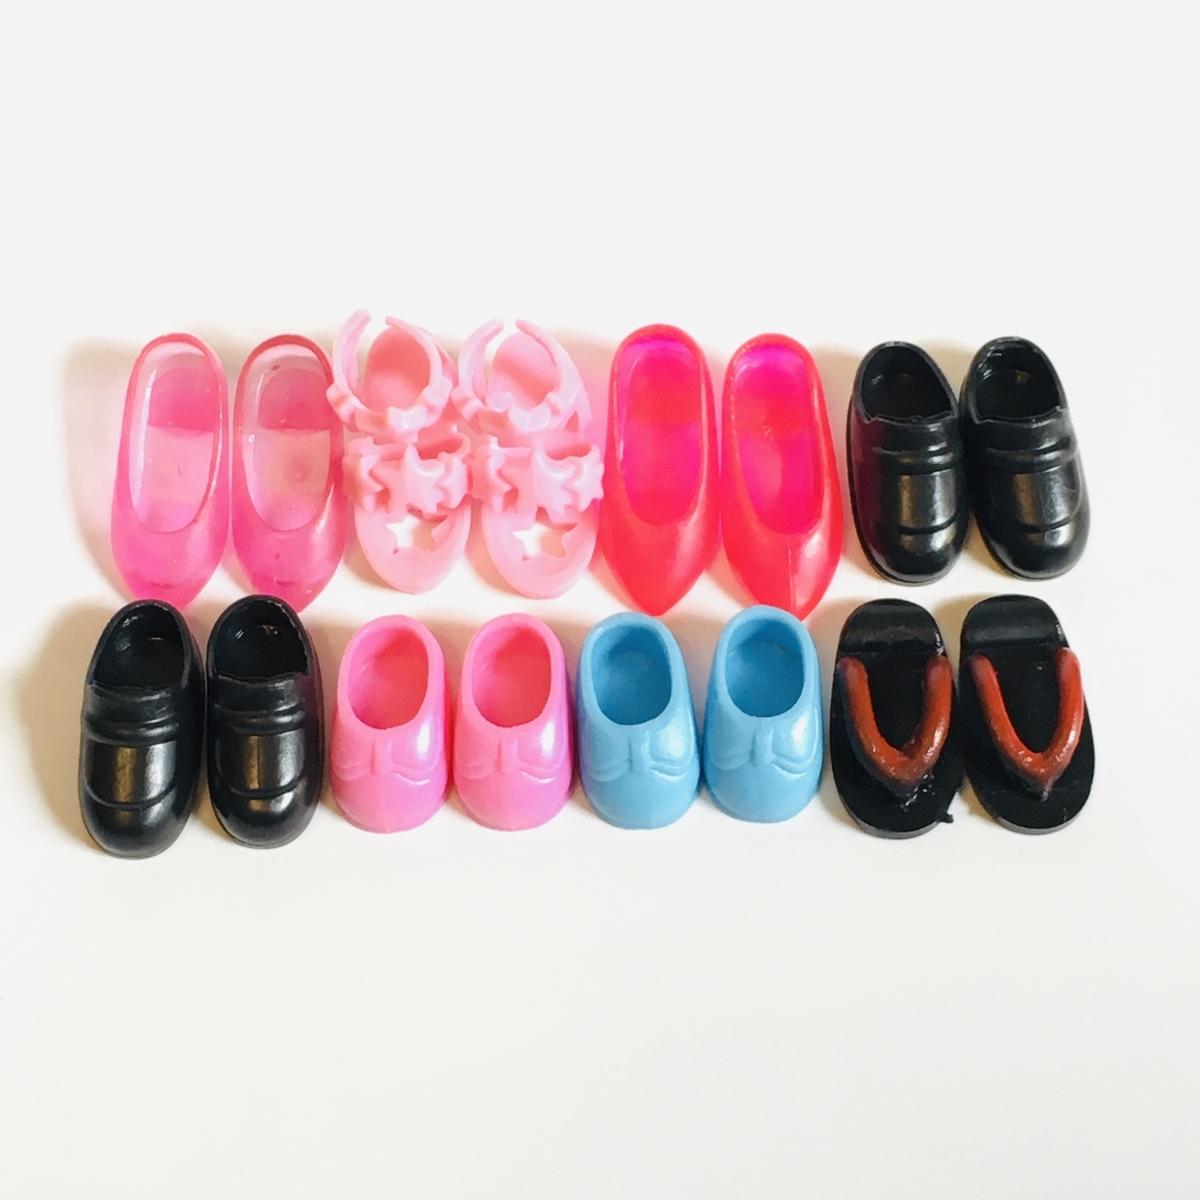 リカちゃんやミキちゃんマキちゃんやエリーちゃんの靴たち